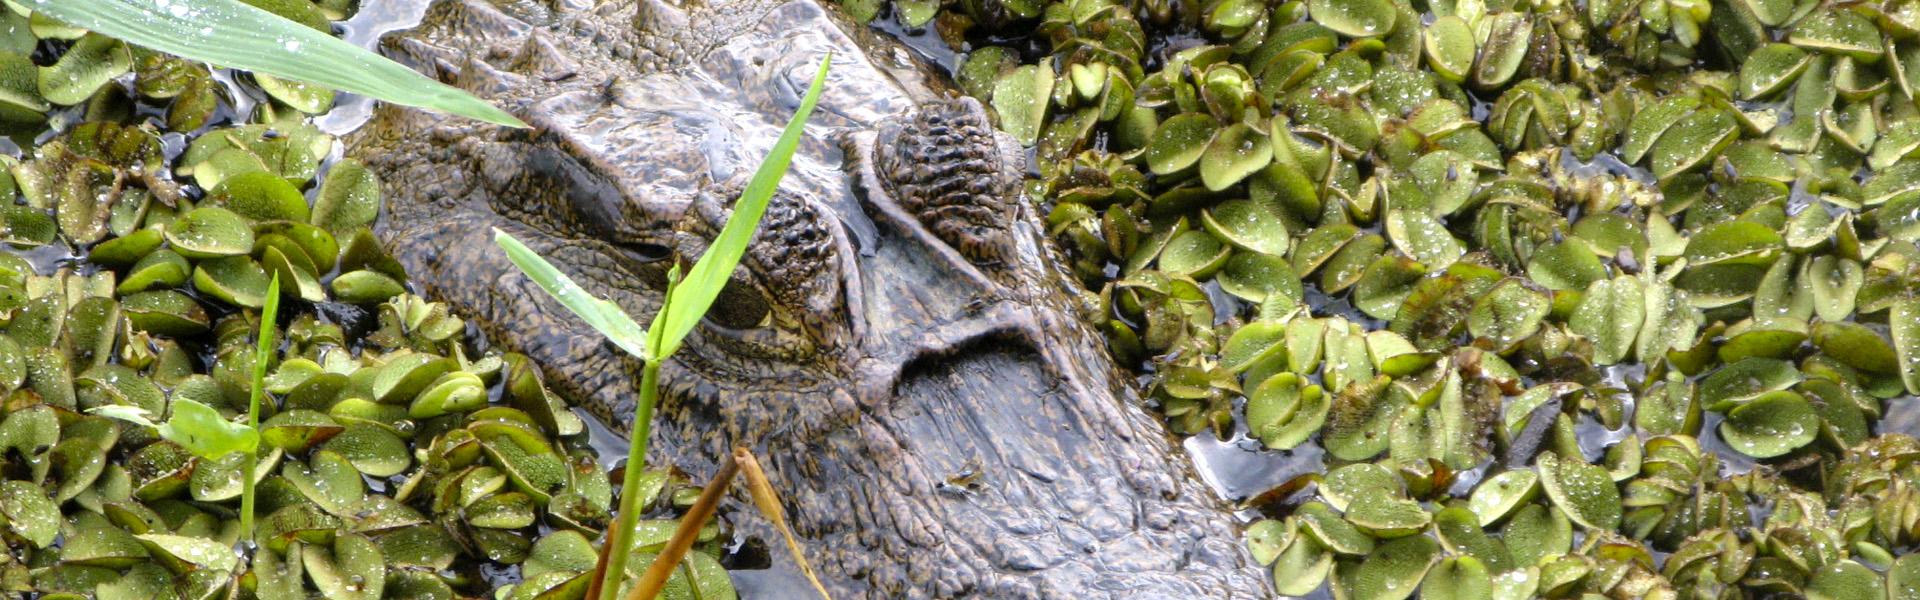 Viajes a Centroamérica e Islas del Caribe con Viajes Ikertanoa, todo el asesoramiento y la información necesaria para viajar independiente y diferente. Fotografía de caimán en Tortuguero, Costa Rica.